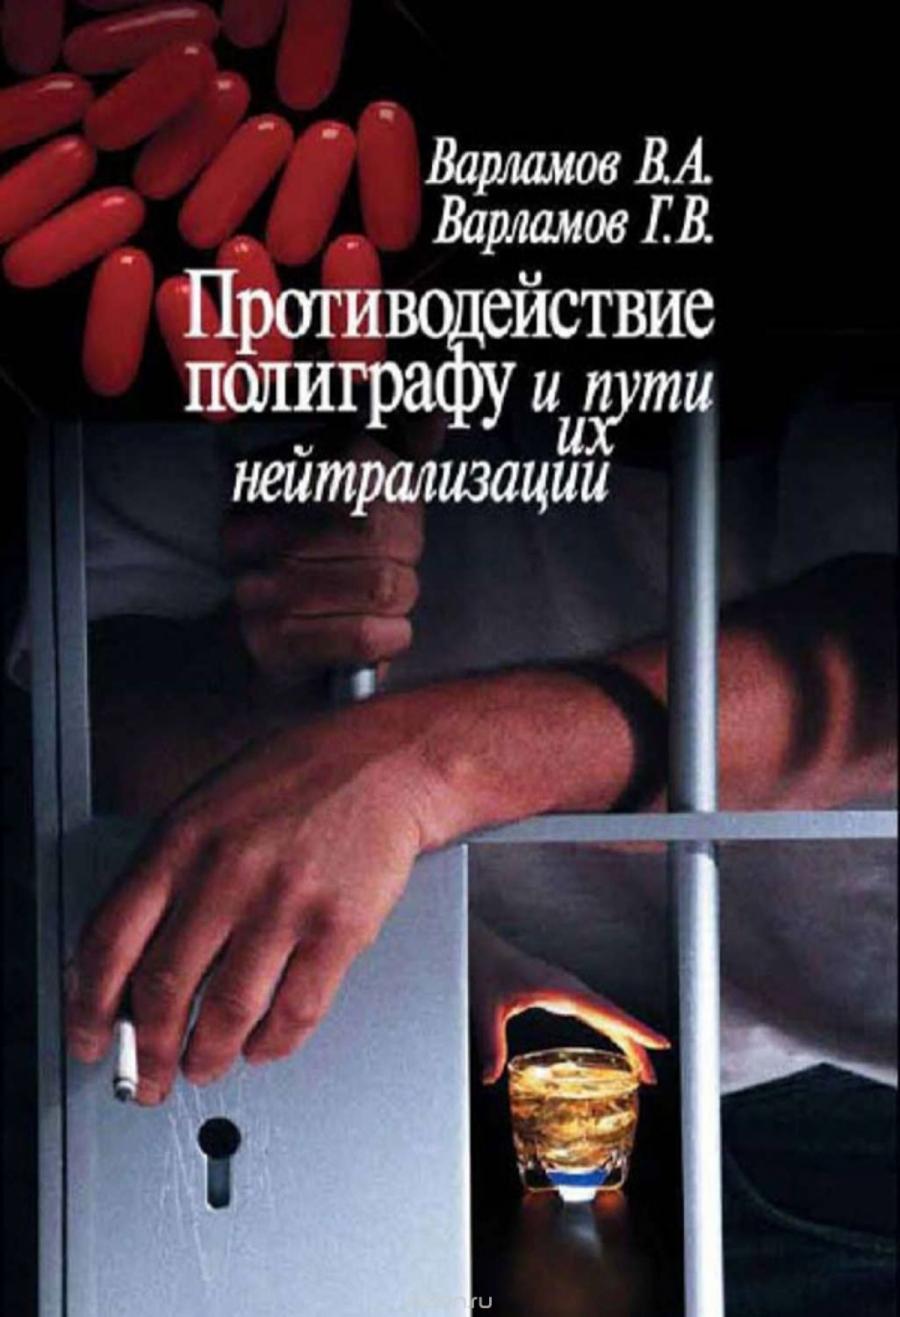 Обложка книги:  варламов в.a. варламов г.b. - противодействие полиграфу и пути их нейтрализации